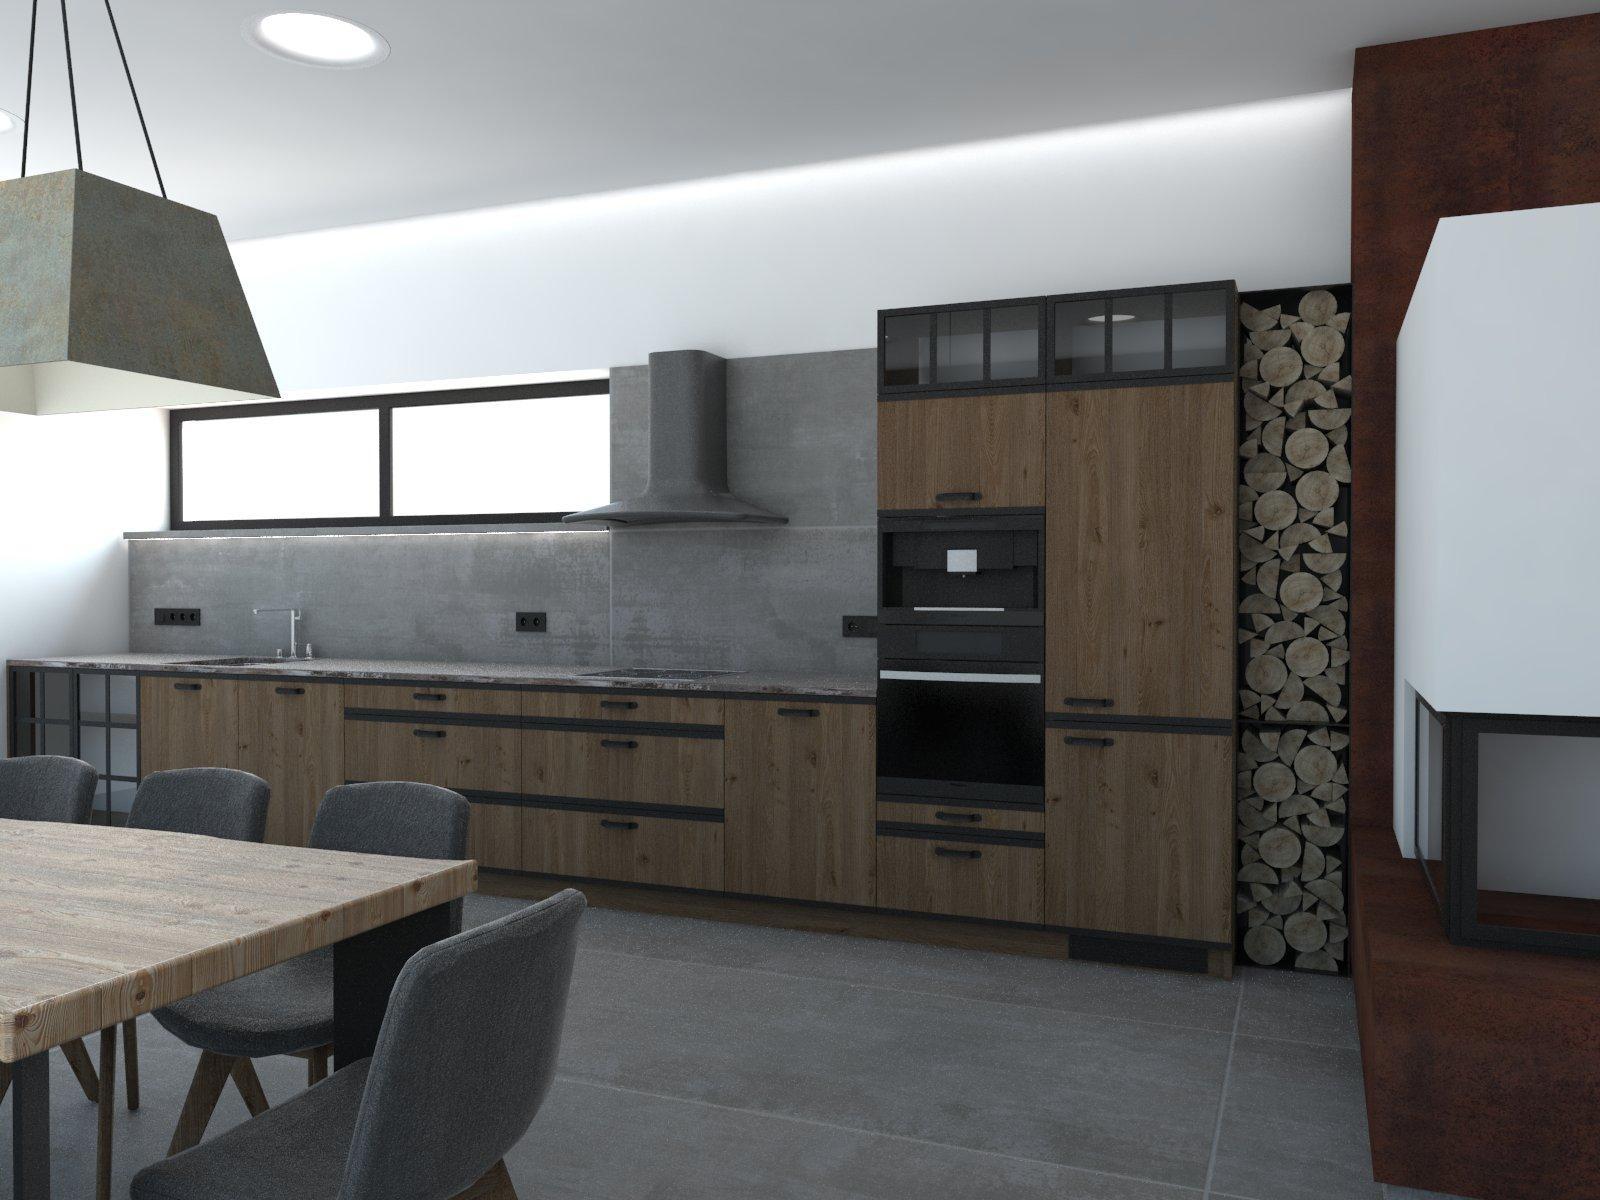 ryska25 - grafický návrh kuchynskej linky v altánku - obr.3